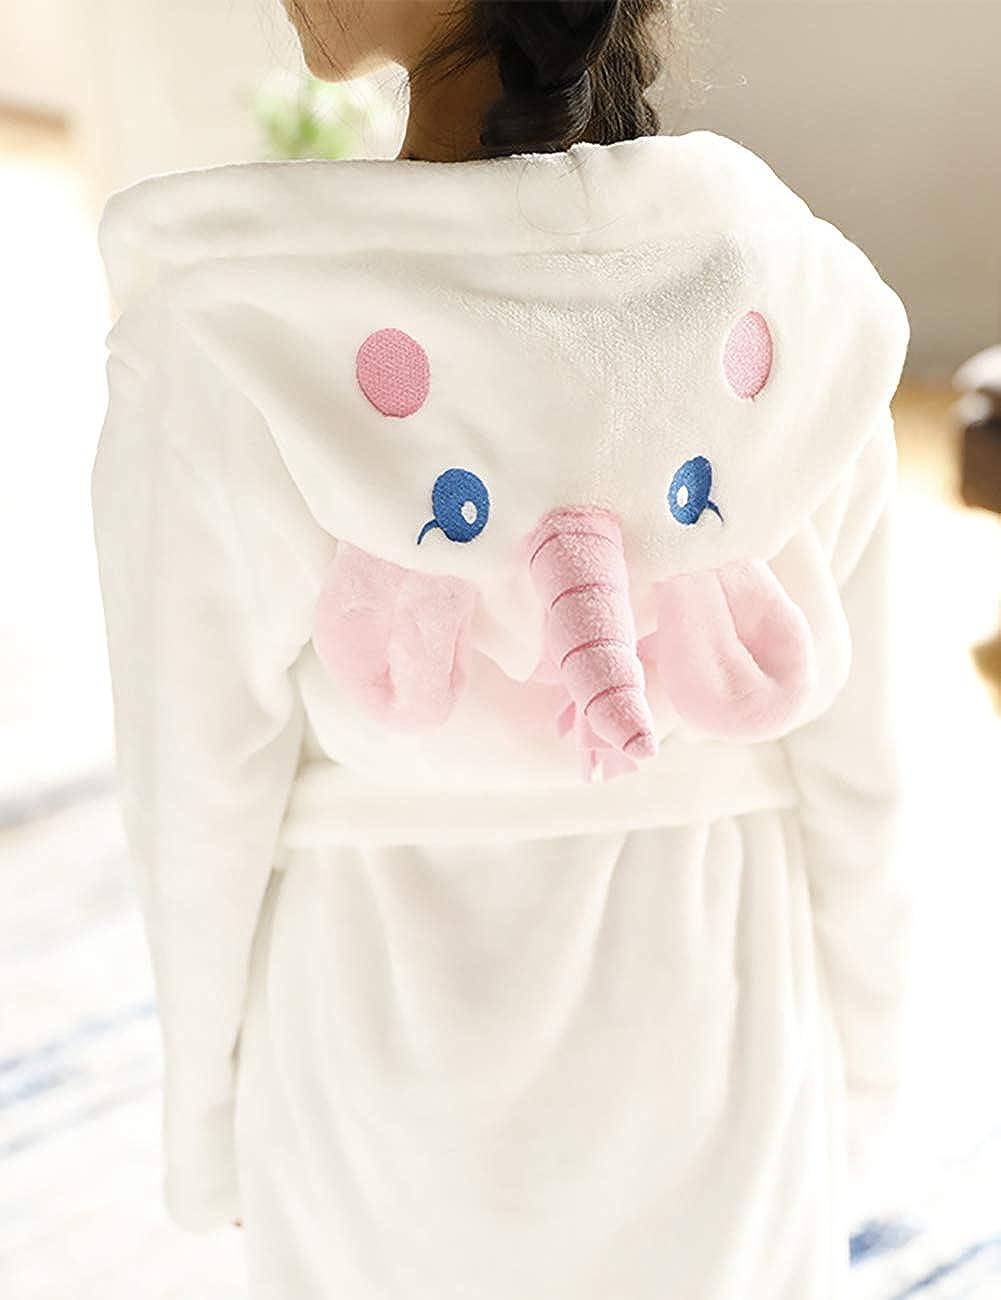 CYTCreation Unisex Baby Plush Bathrobe Animal Face Unicorn Hooded Robe Bath Towels: Clothing